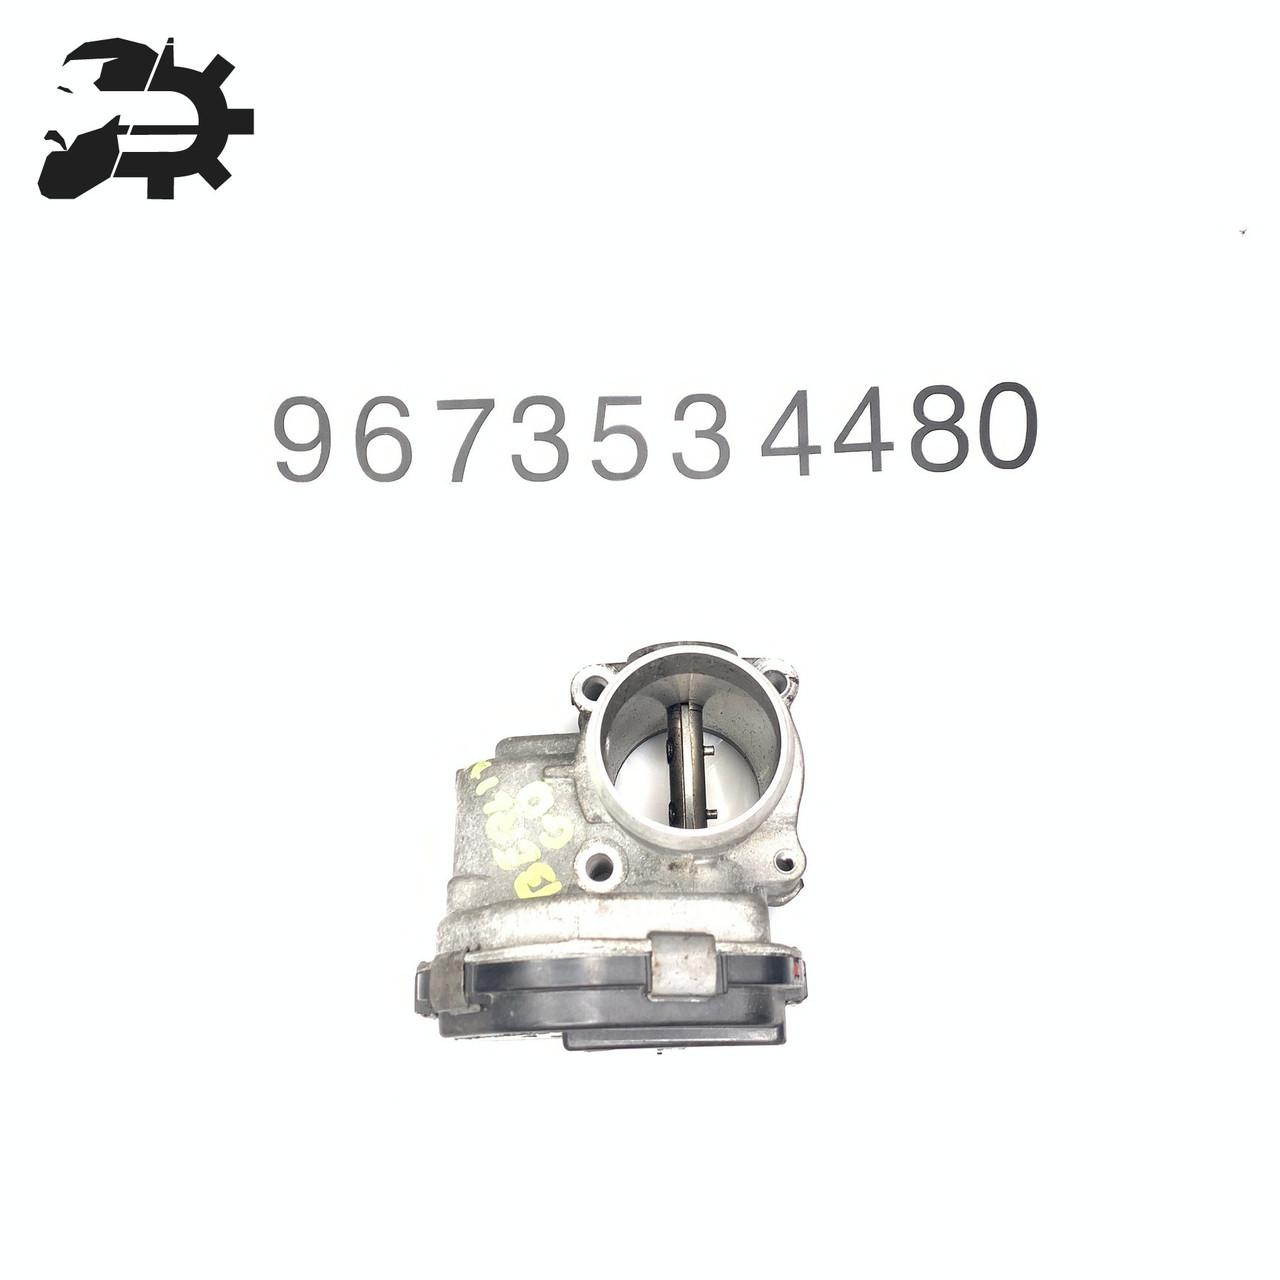 Дроссельная заслонка Citroen, Ситроен 28275019, 9673534480